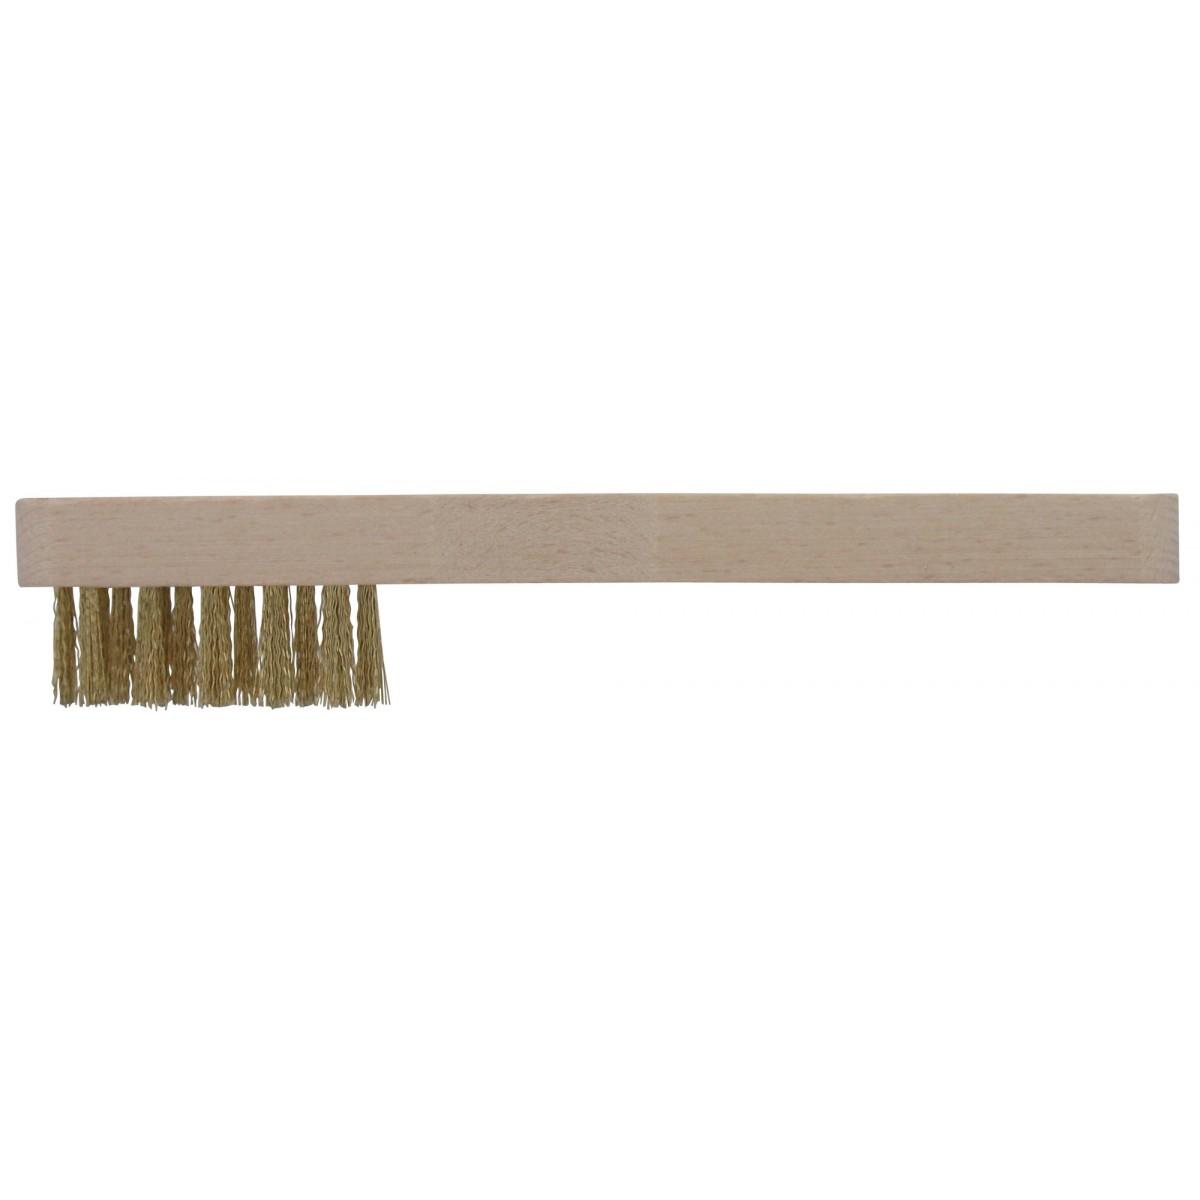 Brosse à bougie acier laitonné SCID - Longueur 21 mm